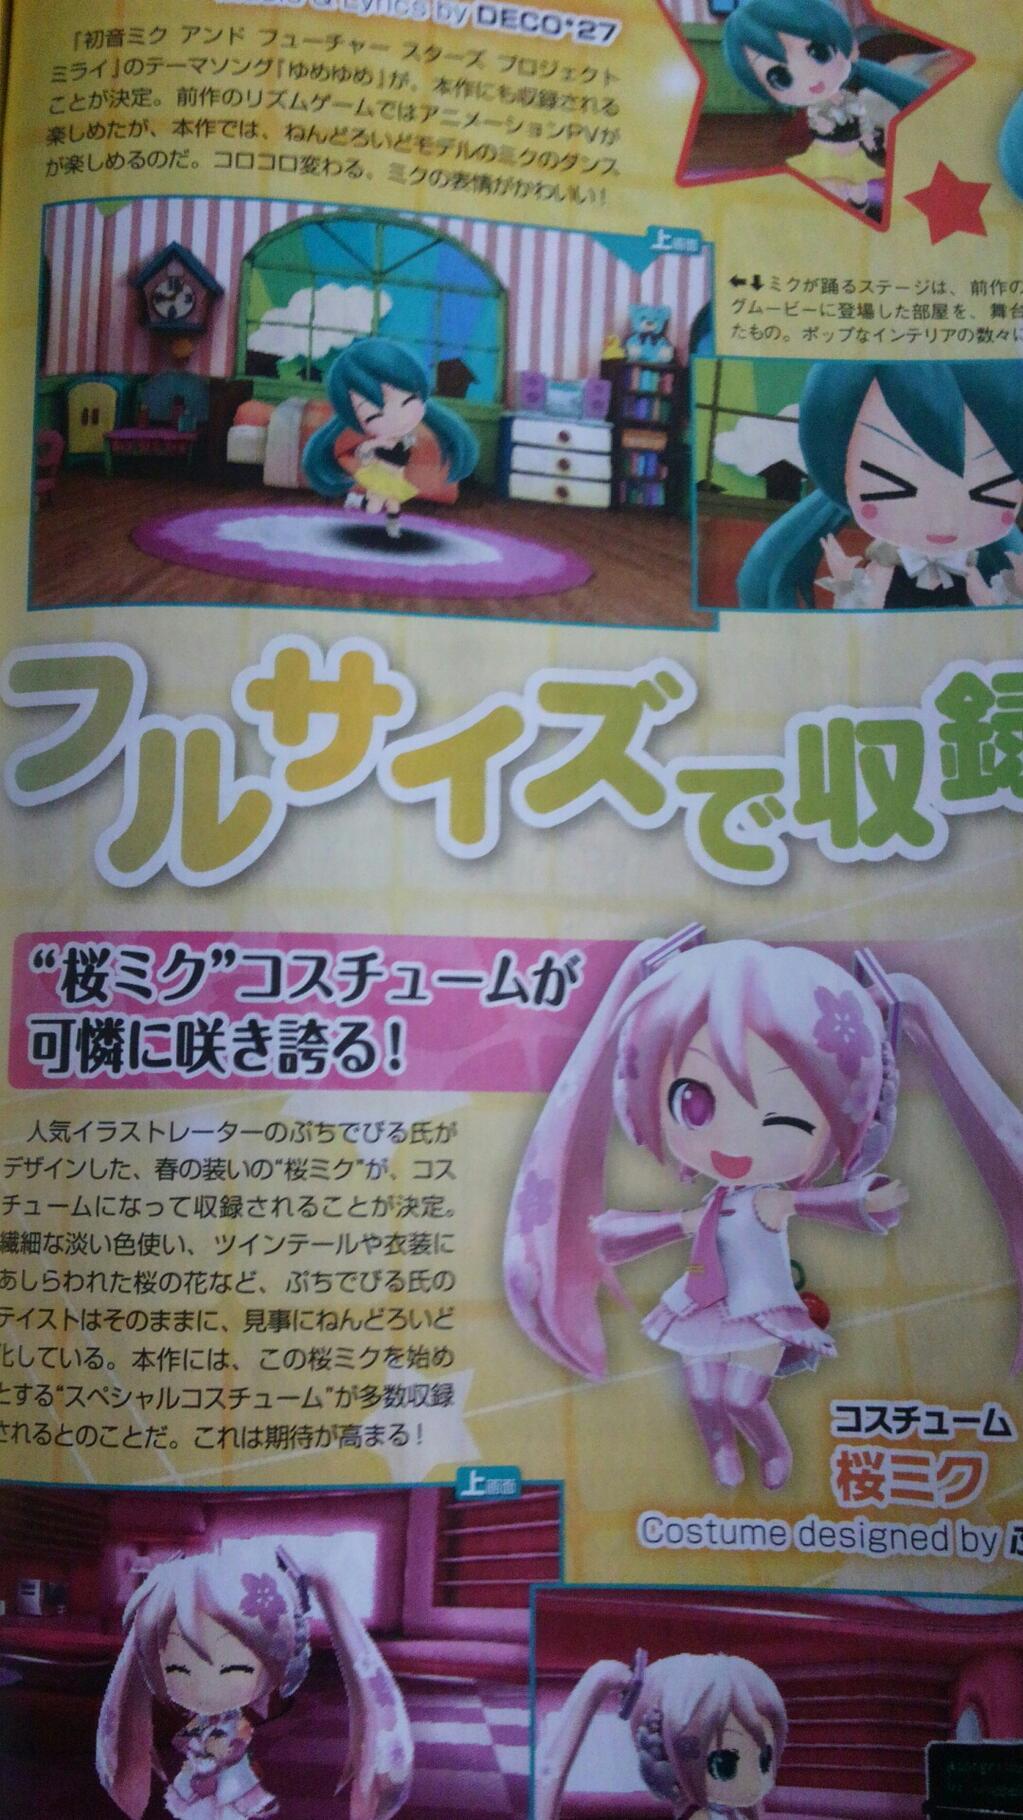 닌텐도3DS용 게임 '하츠네 미쿠 프로젝트 미라이2' 가..